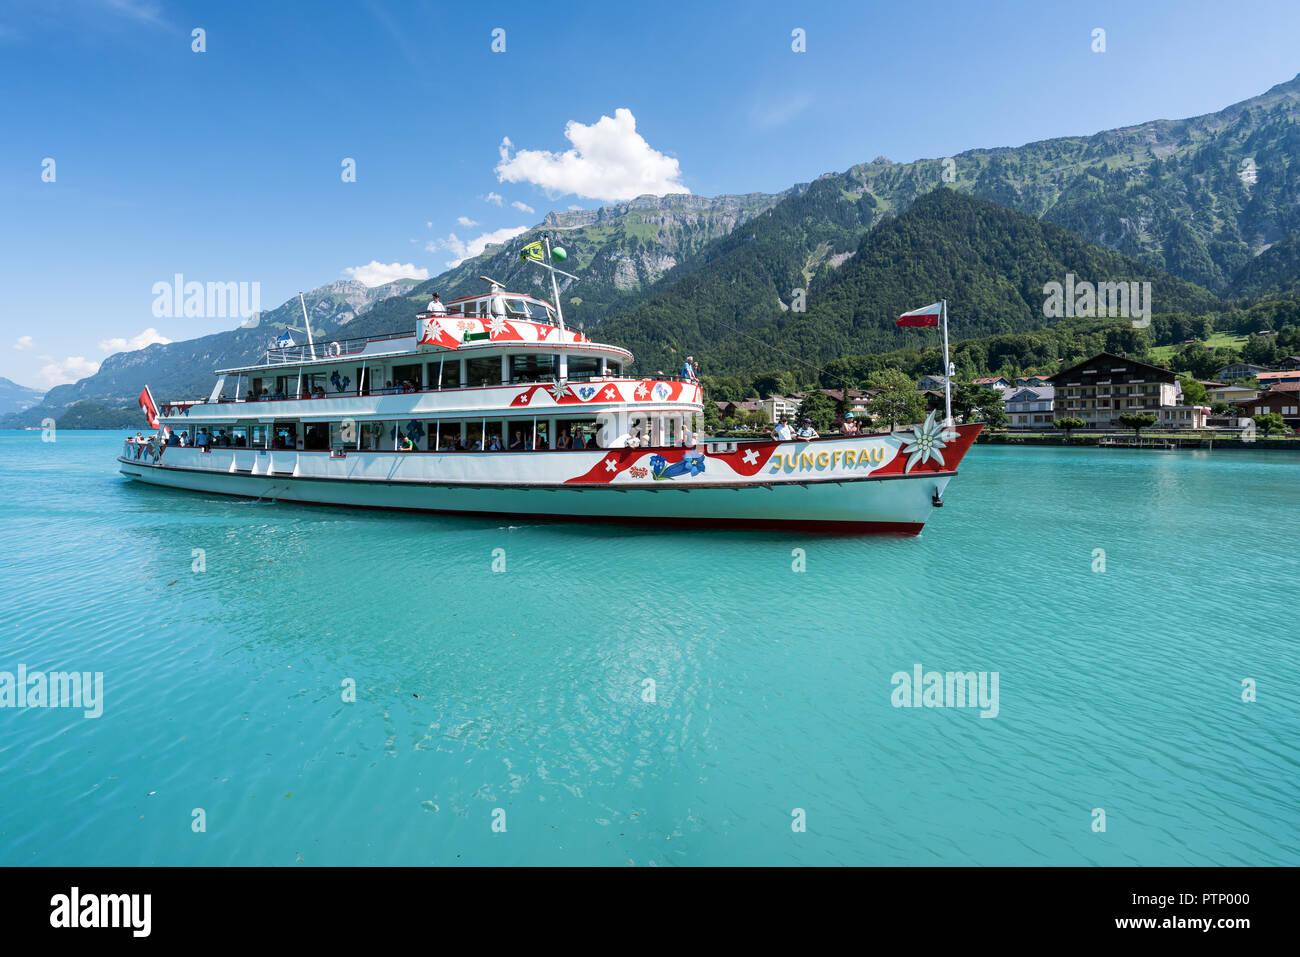 Cruising at Lake Brienz, Switzerland - Stock Image